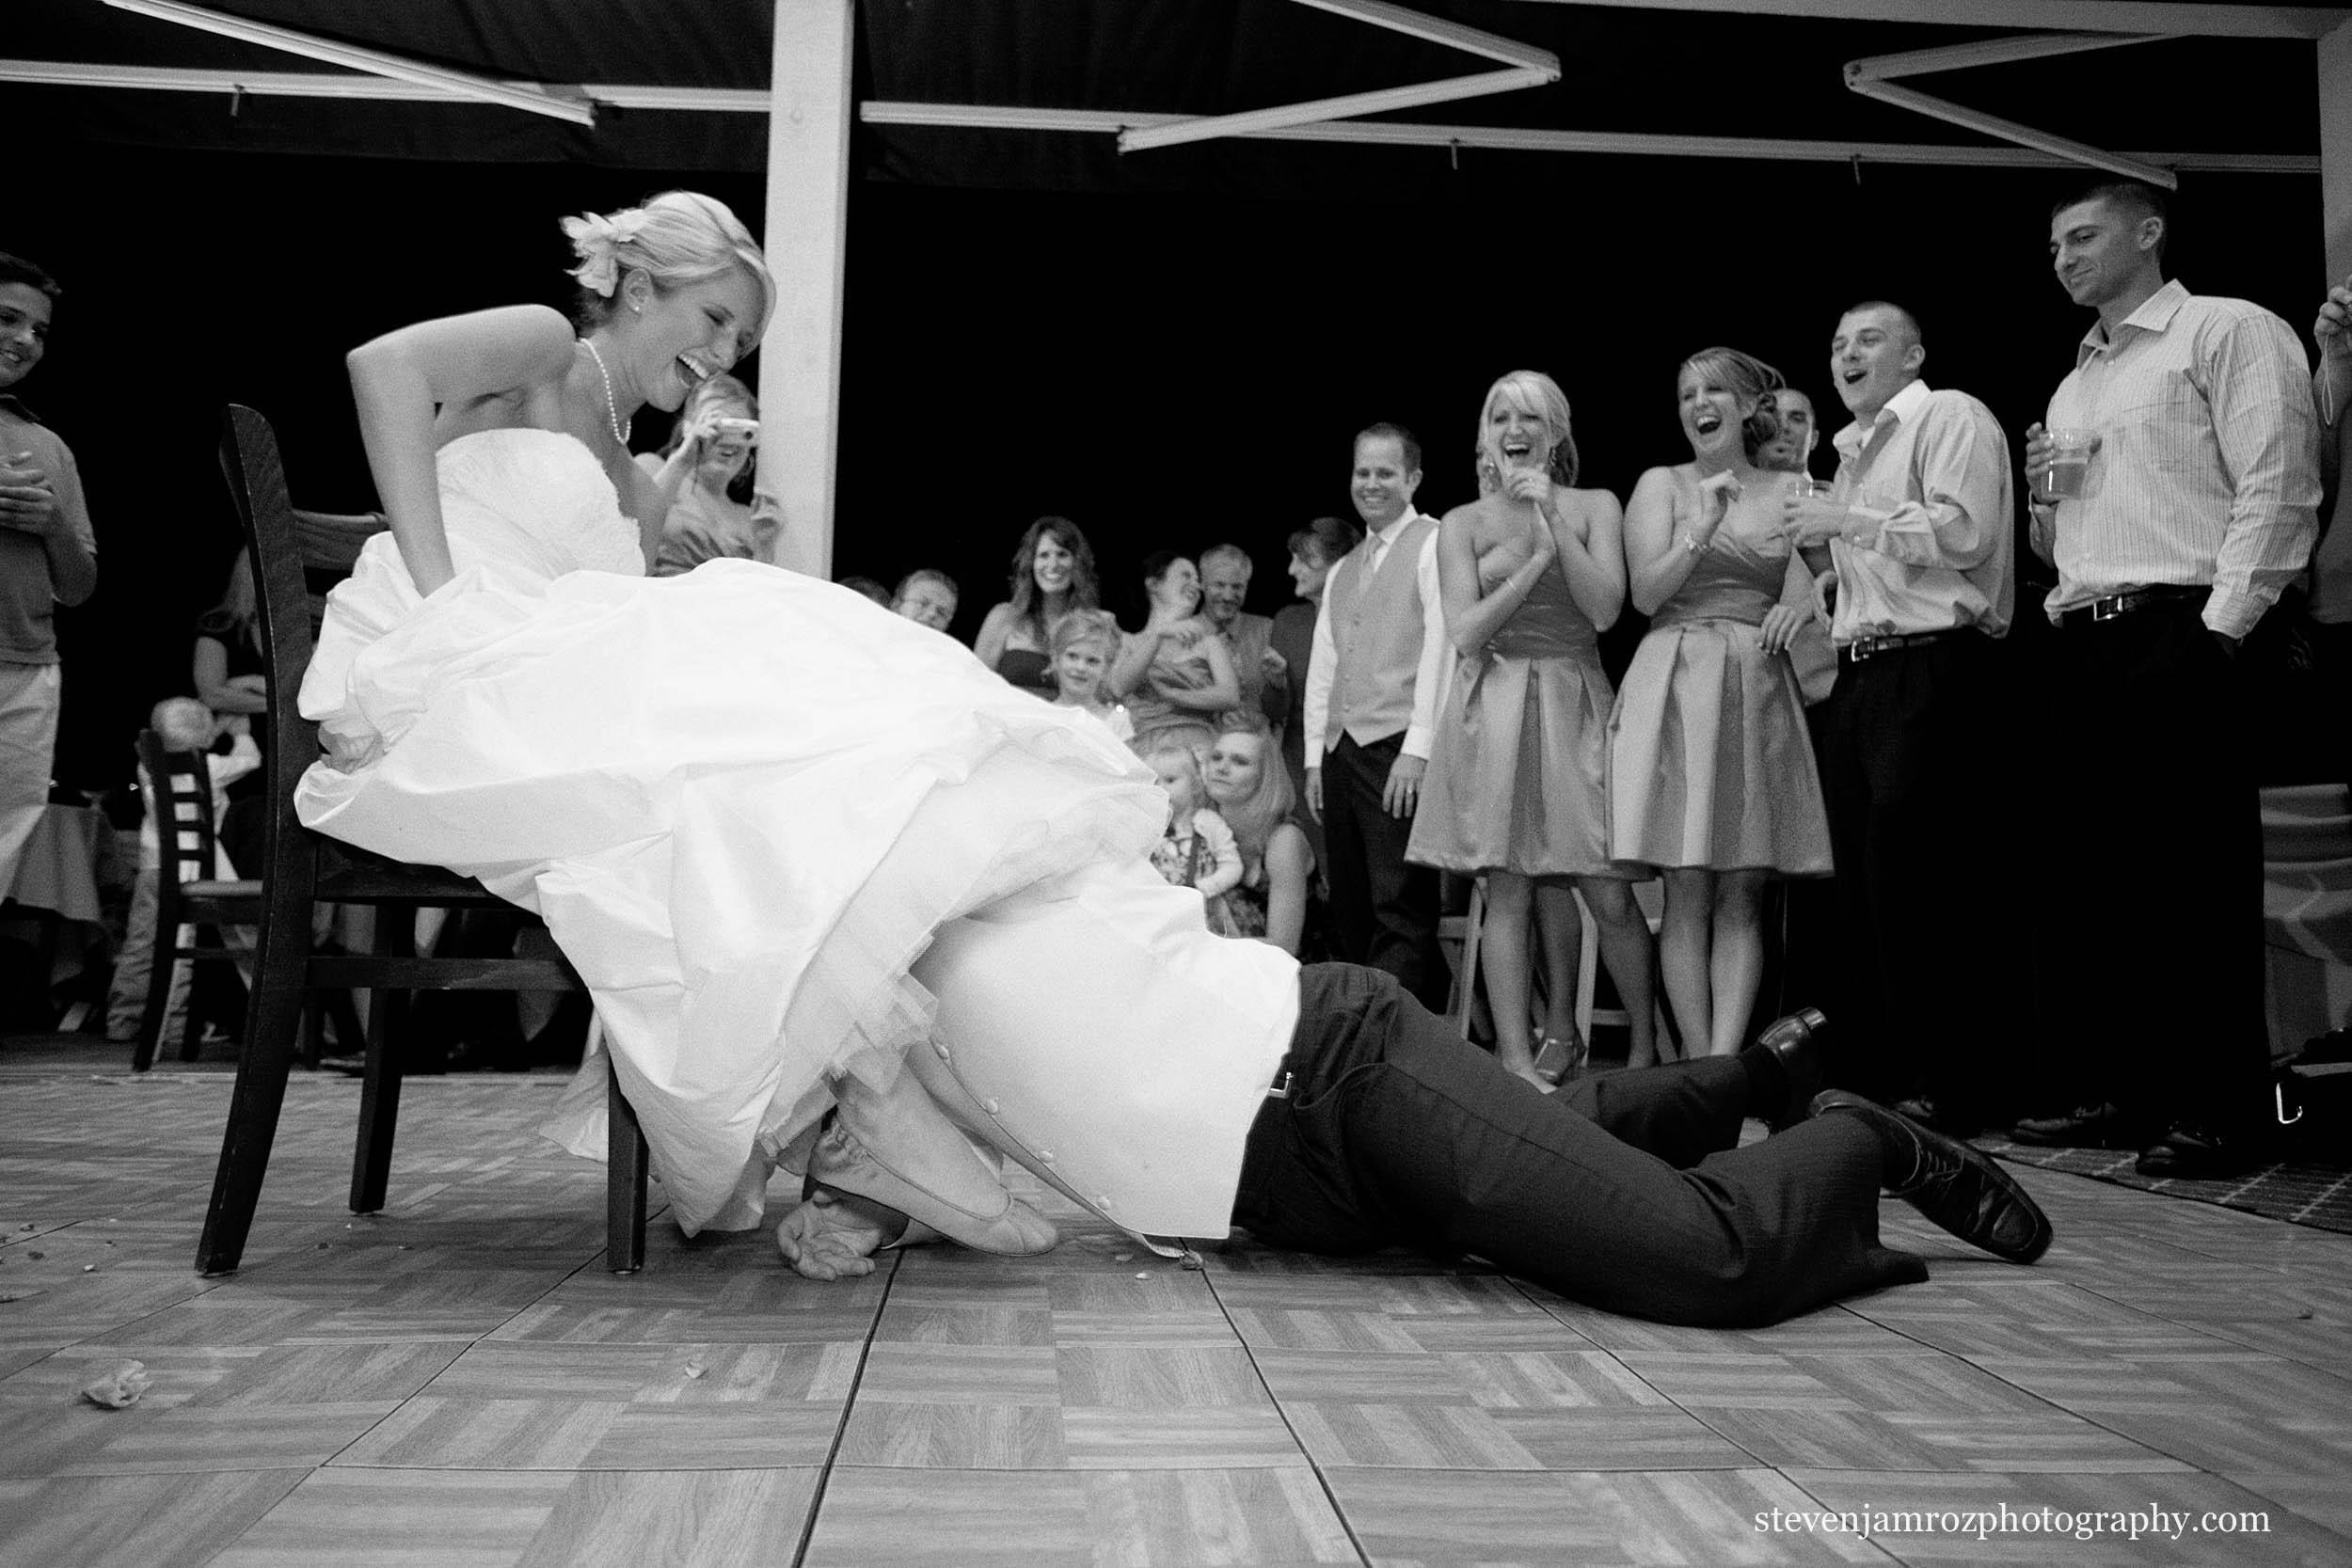 nc-cary-garter-toss-wedding-photos-0889.jpg